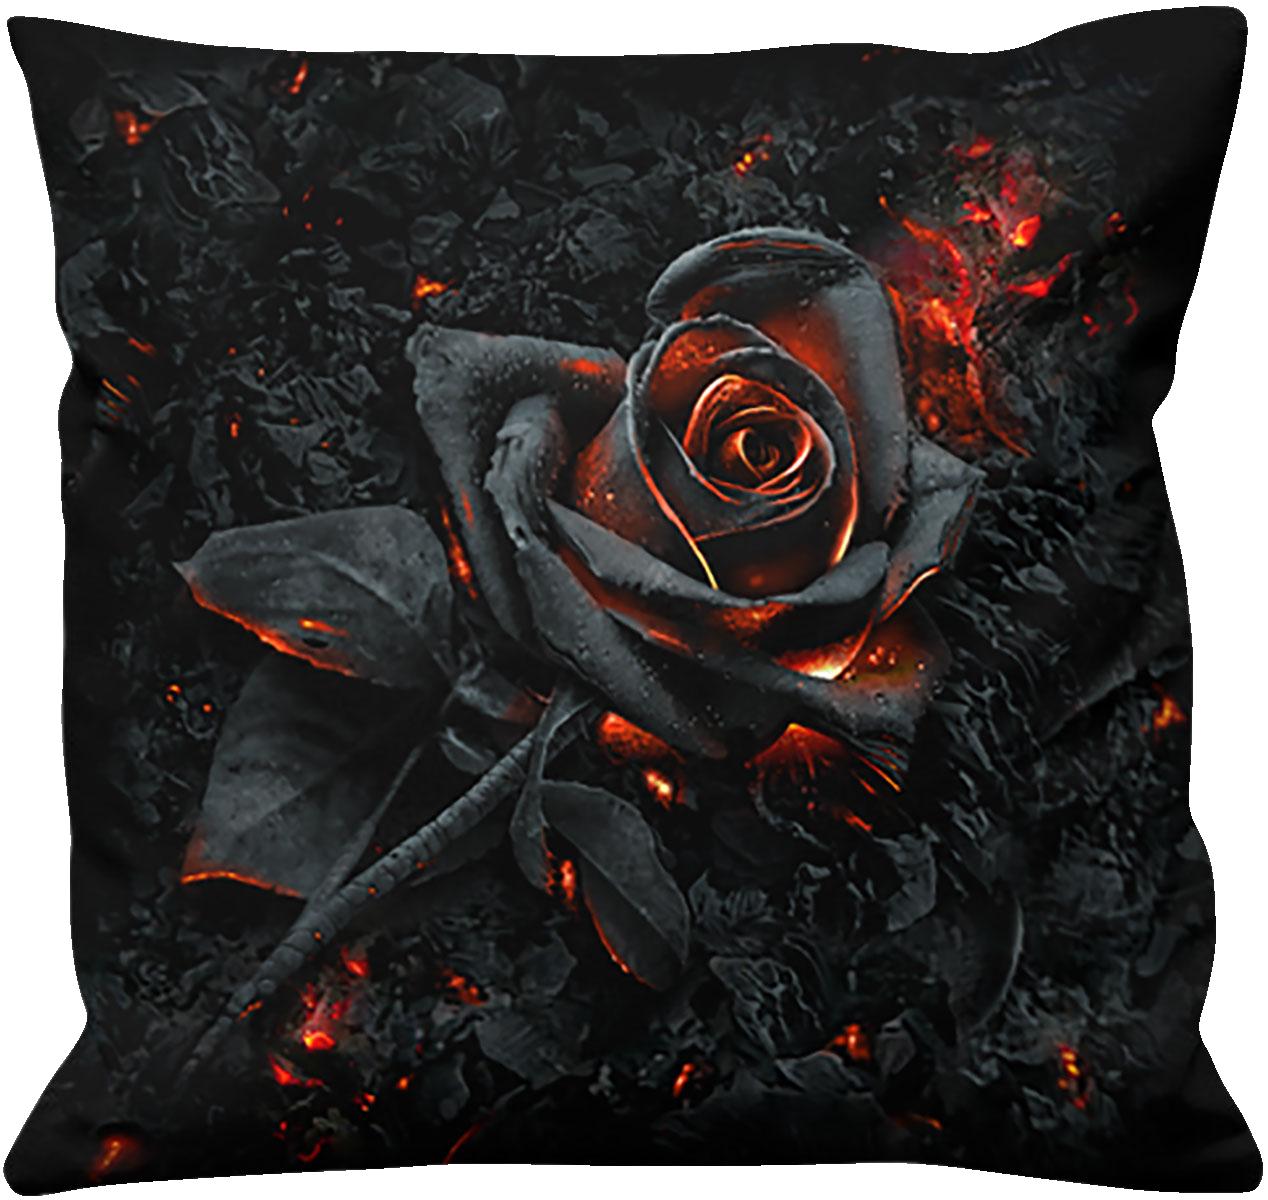 Spiral - Burnt Rose - Kissen - schwarz